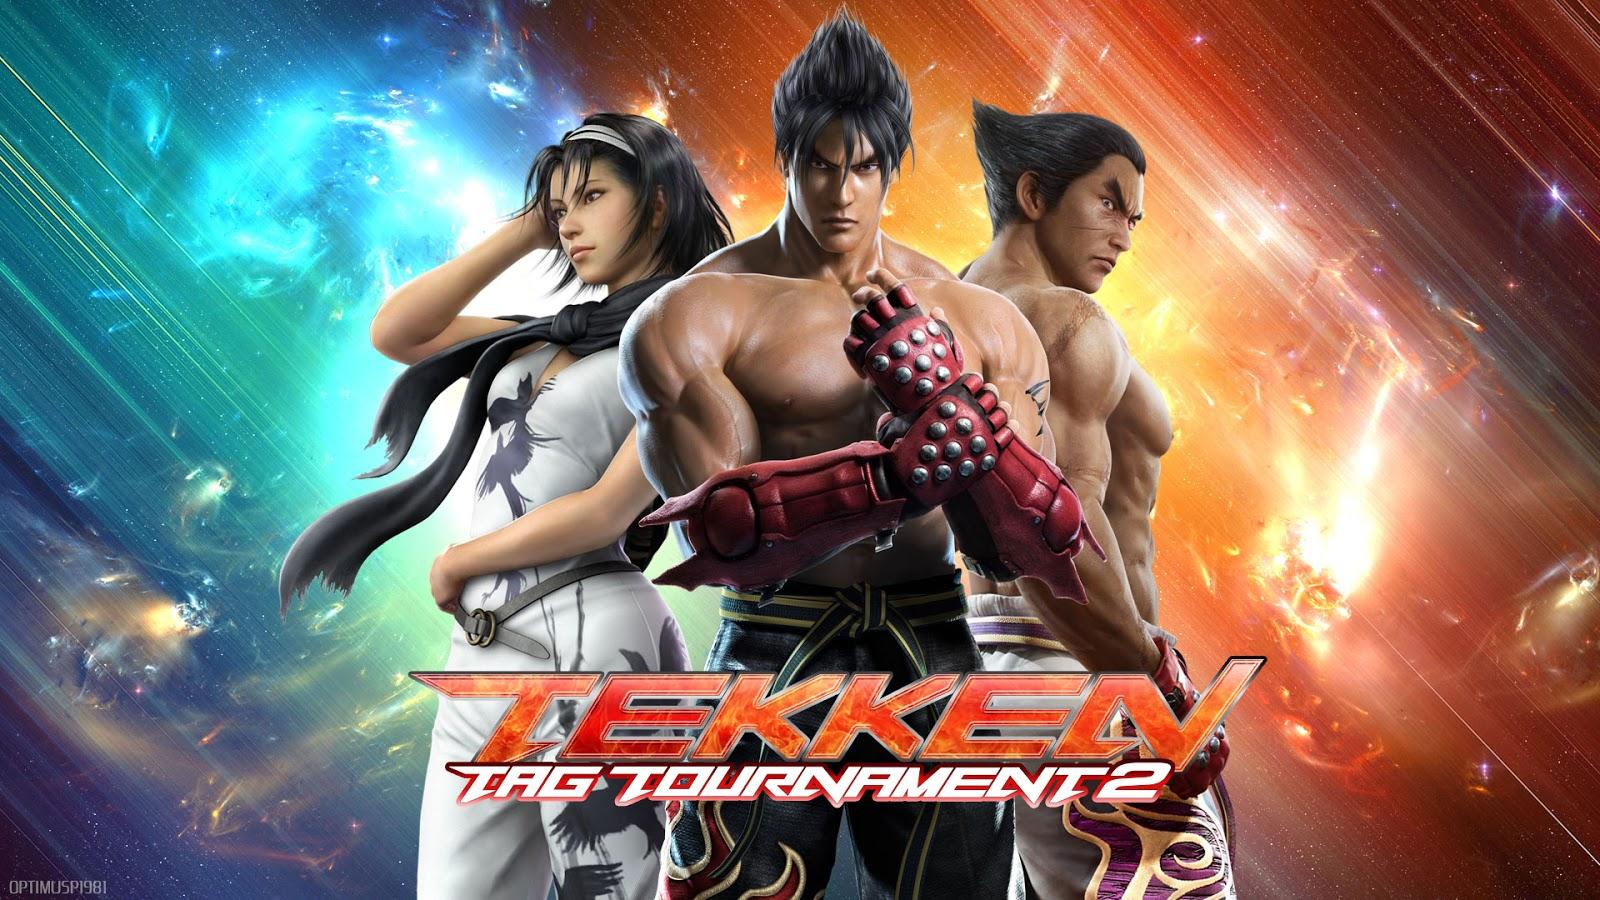 Tekken Tag Tournament 2 - Tekken Tag Tournament 2 For Xbox360